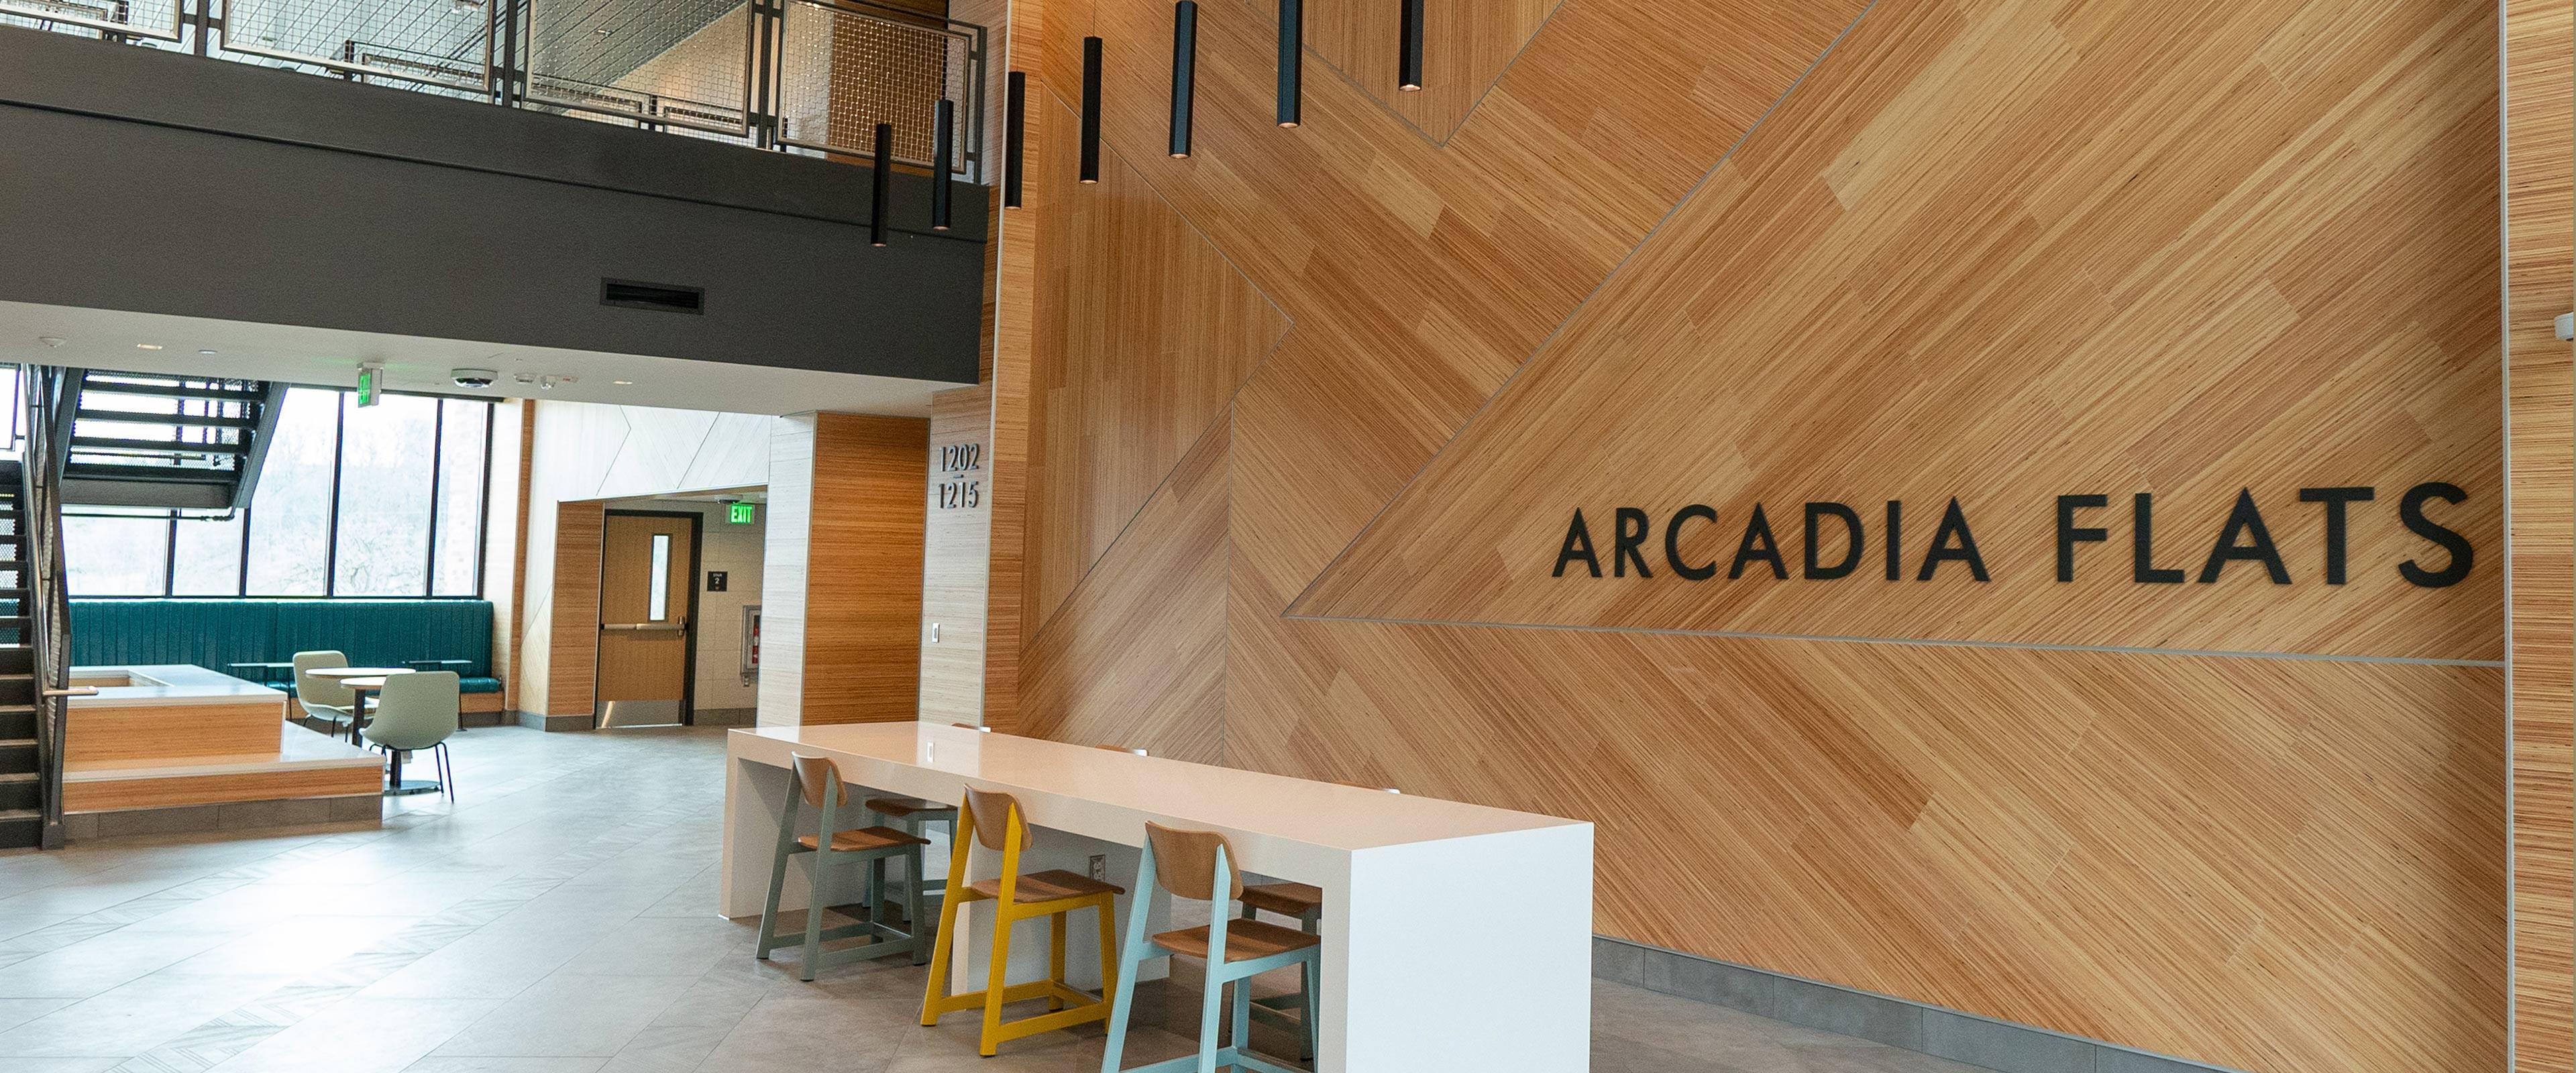 The lobby of WMU's Arcadia Flats apartments.